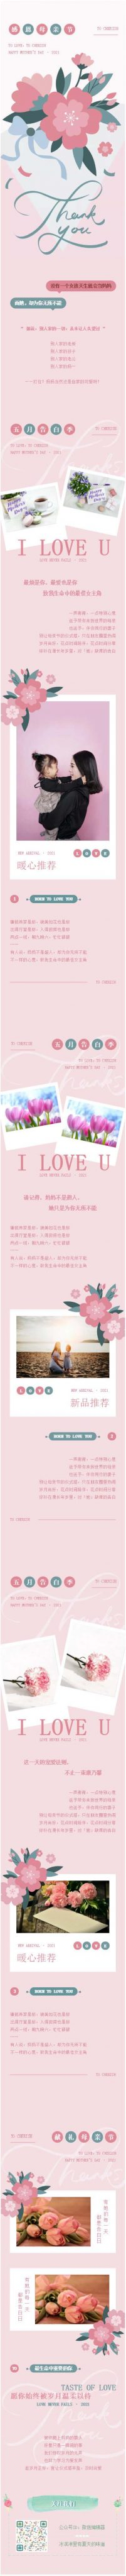 微信公众平台推送图文模板推文素材母亲节推送文章